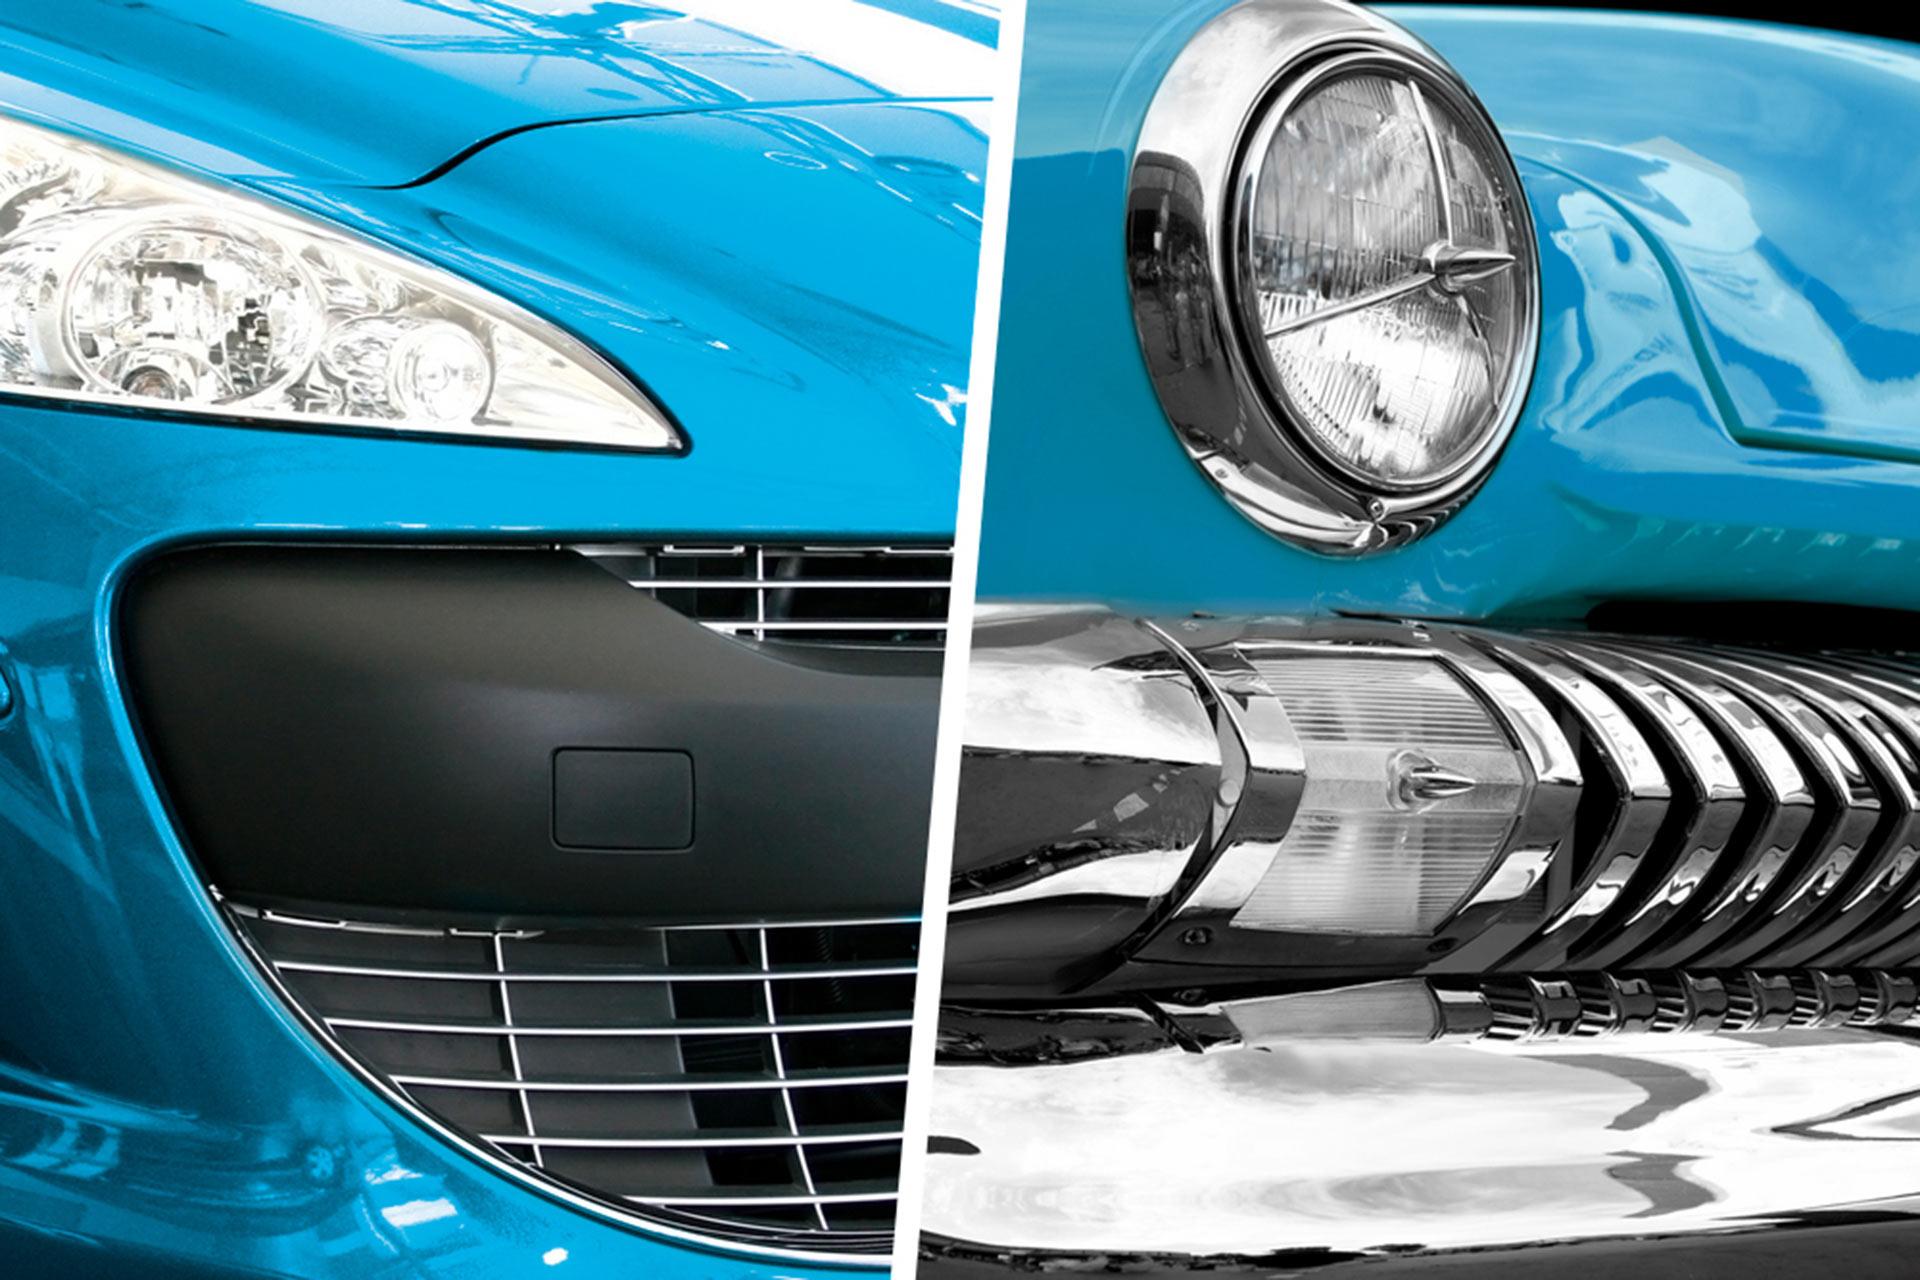 ¿Cuánto pesaría un coche si los componentes de plástico se fabricaran con otro material?